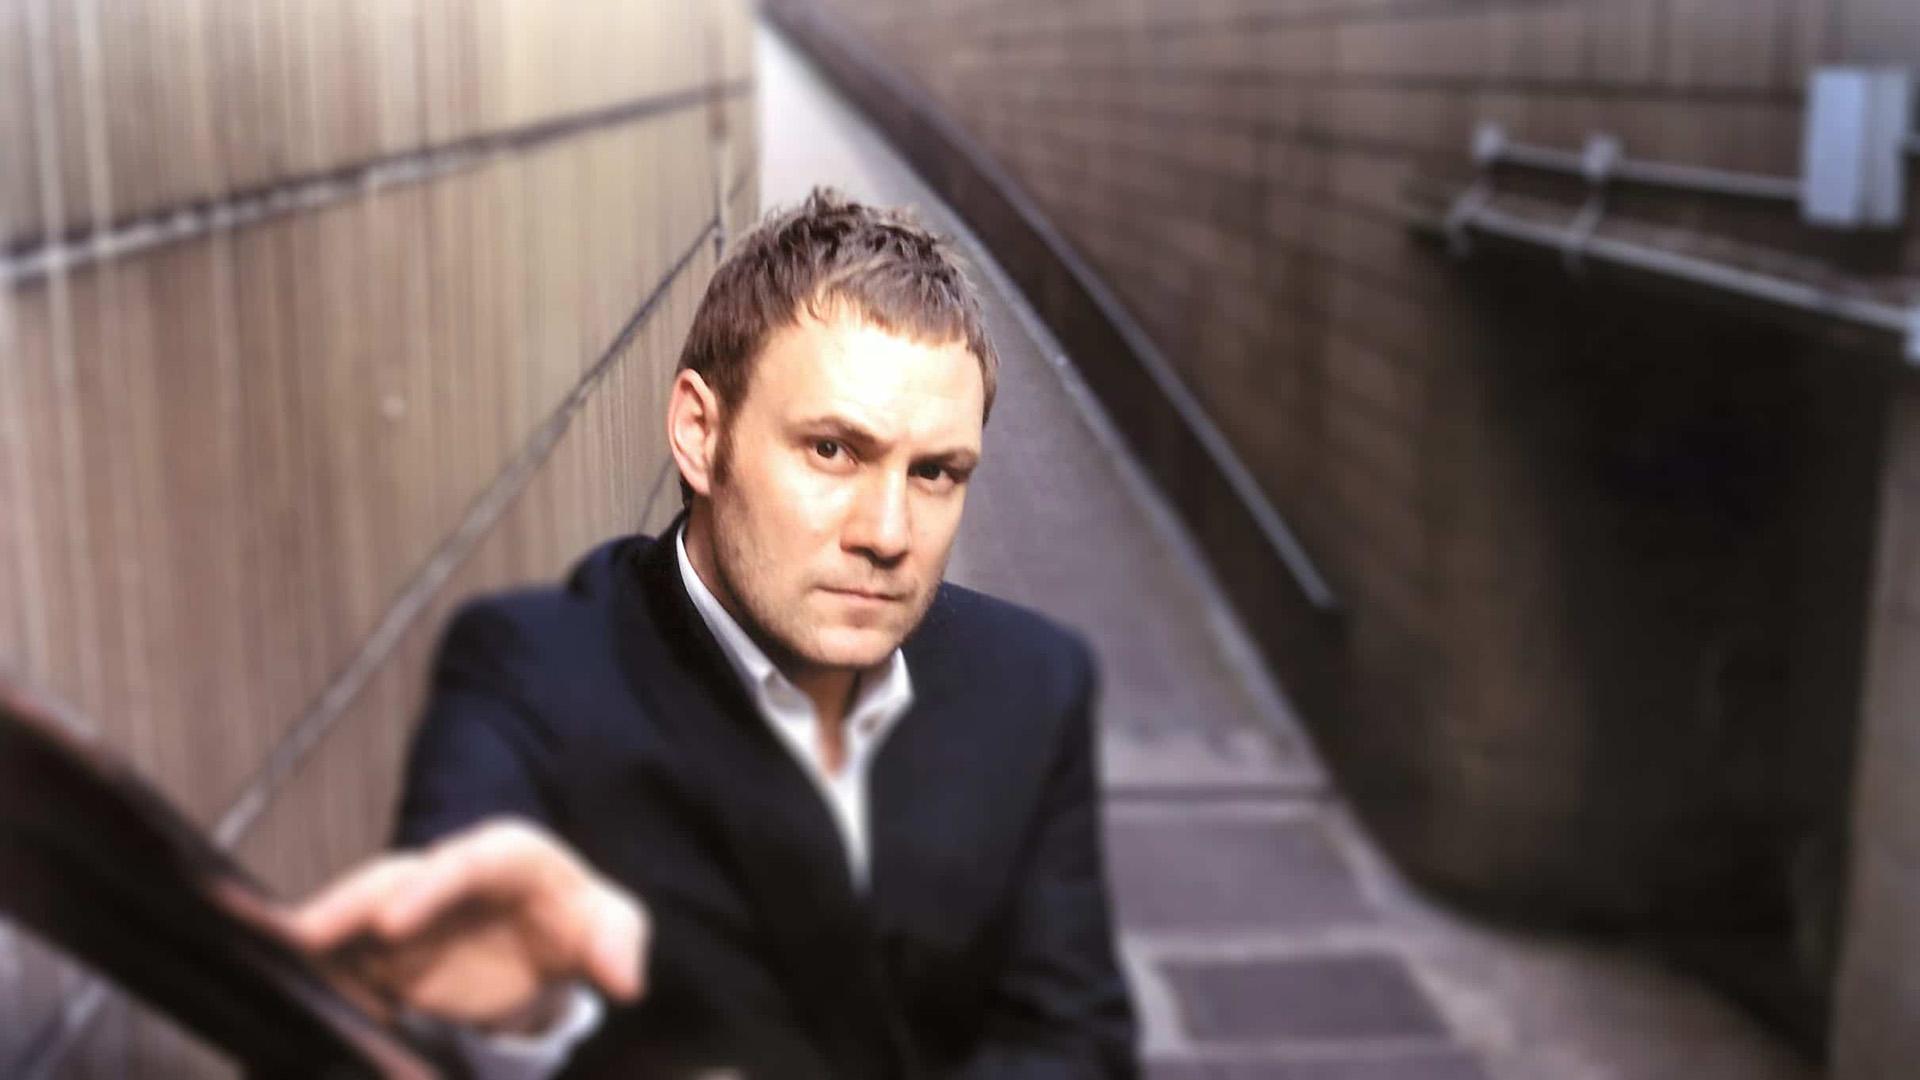 David Gray - Shine